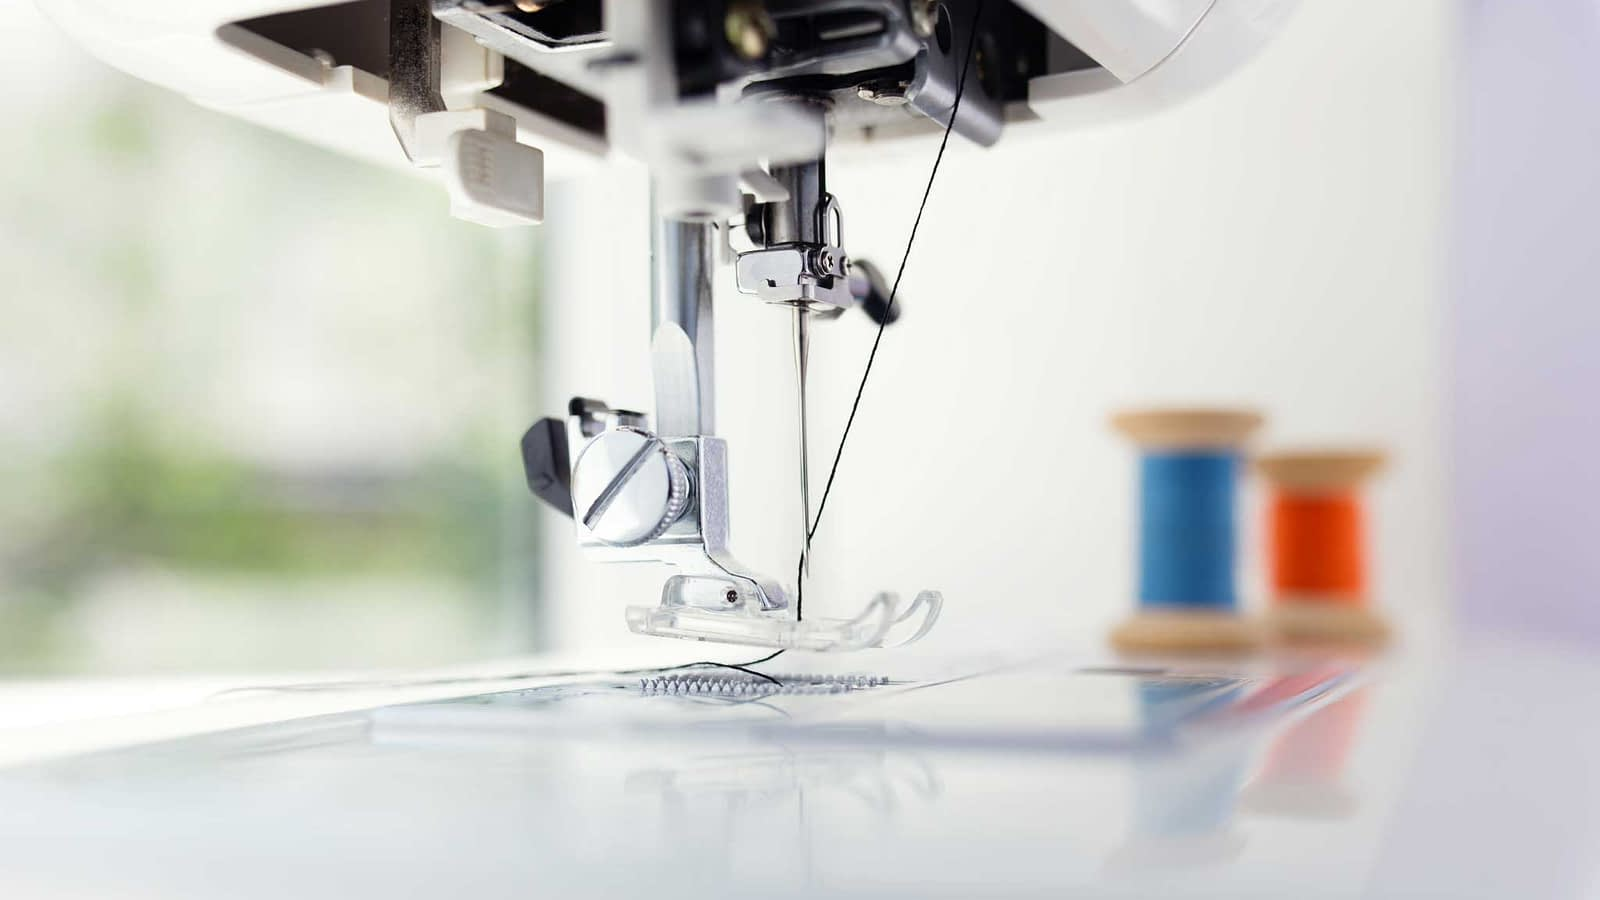 rimoldi macchine per cucire milano